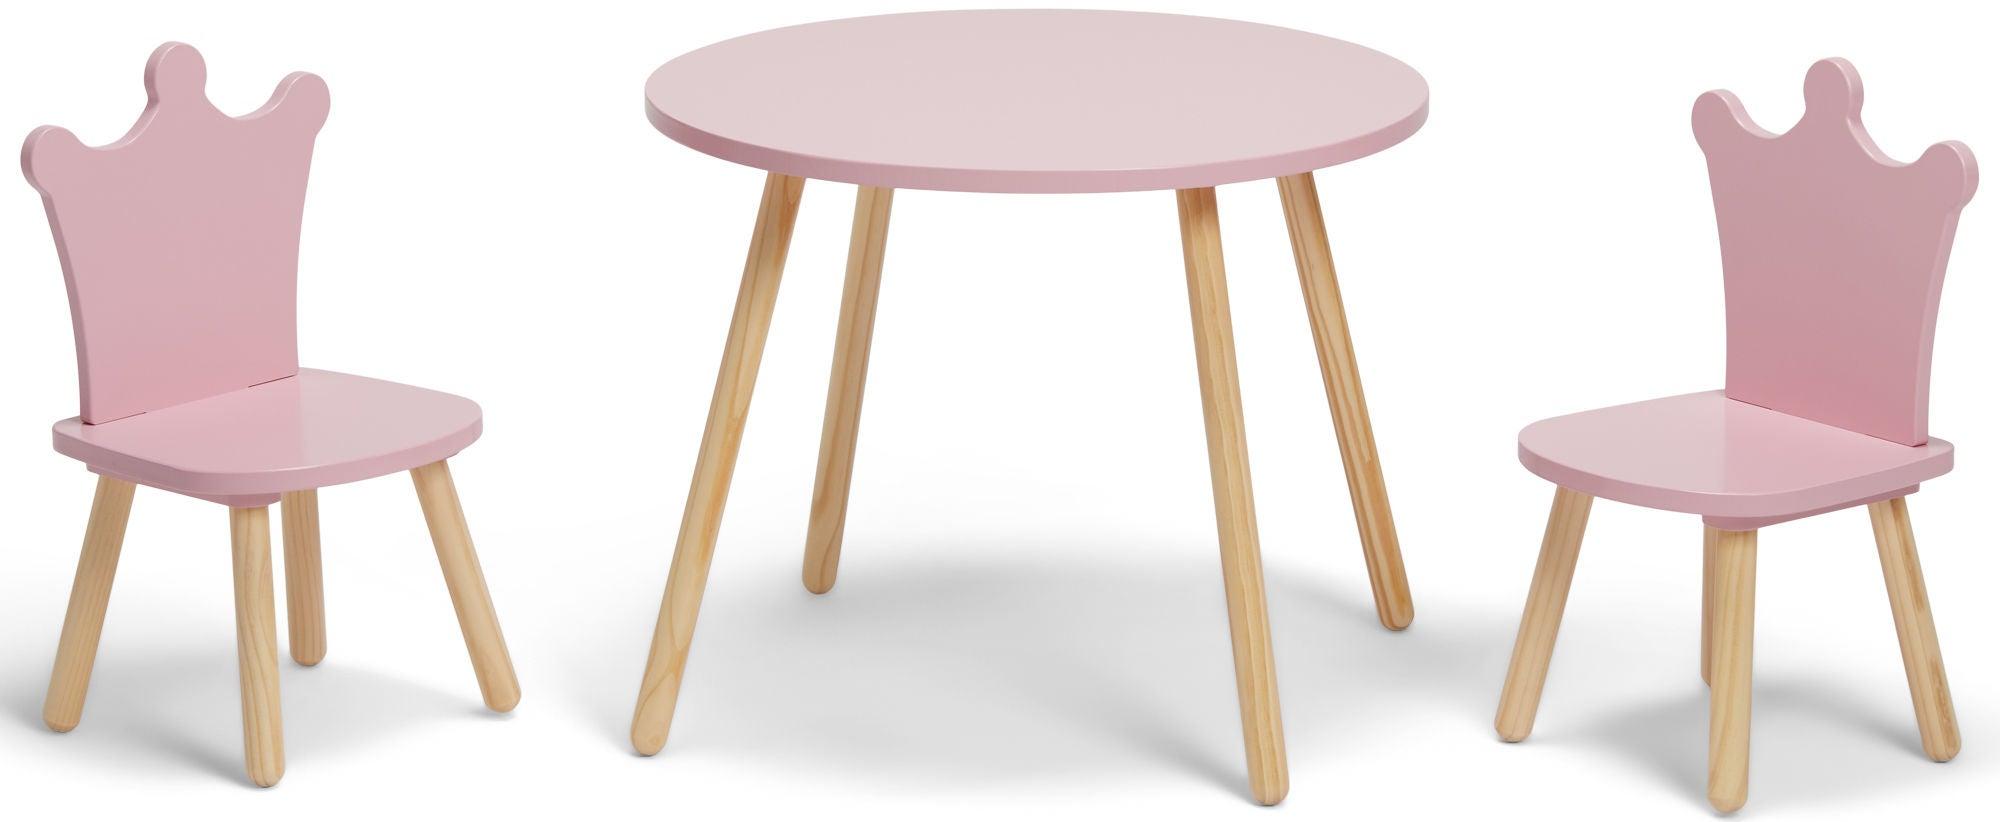 Alice & Fox Pöytä + Tuolit Princess, Vaaleanpunainen